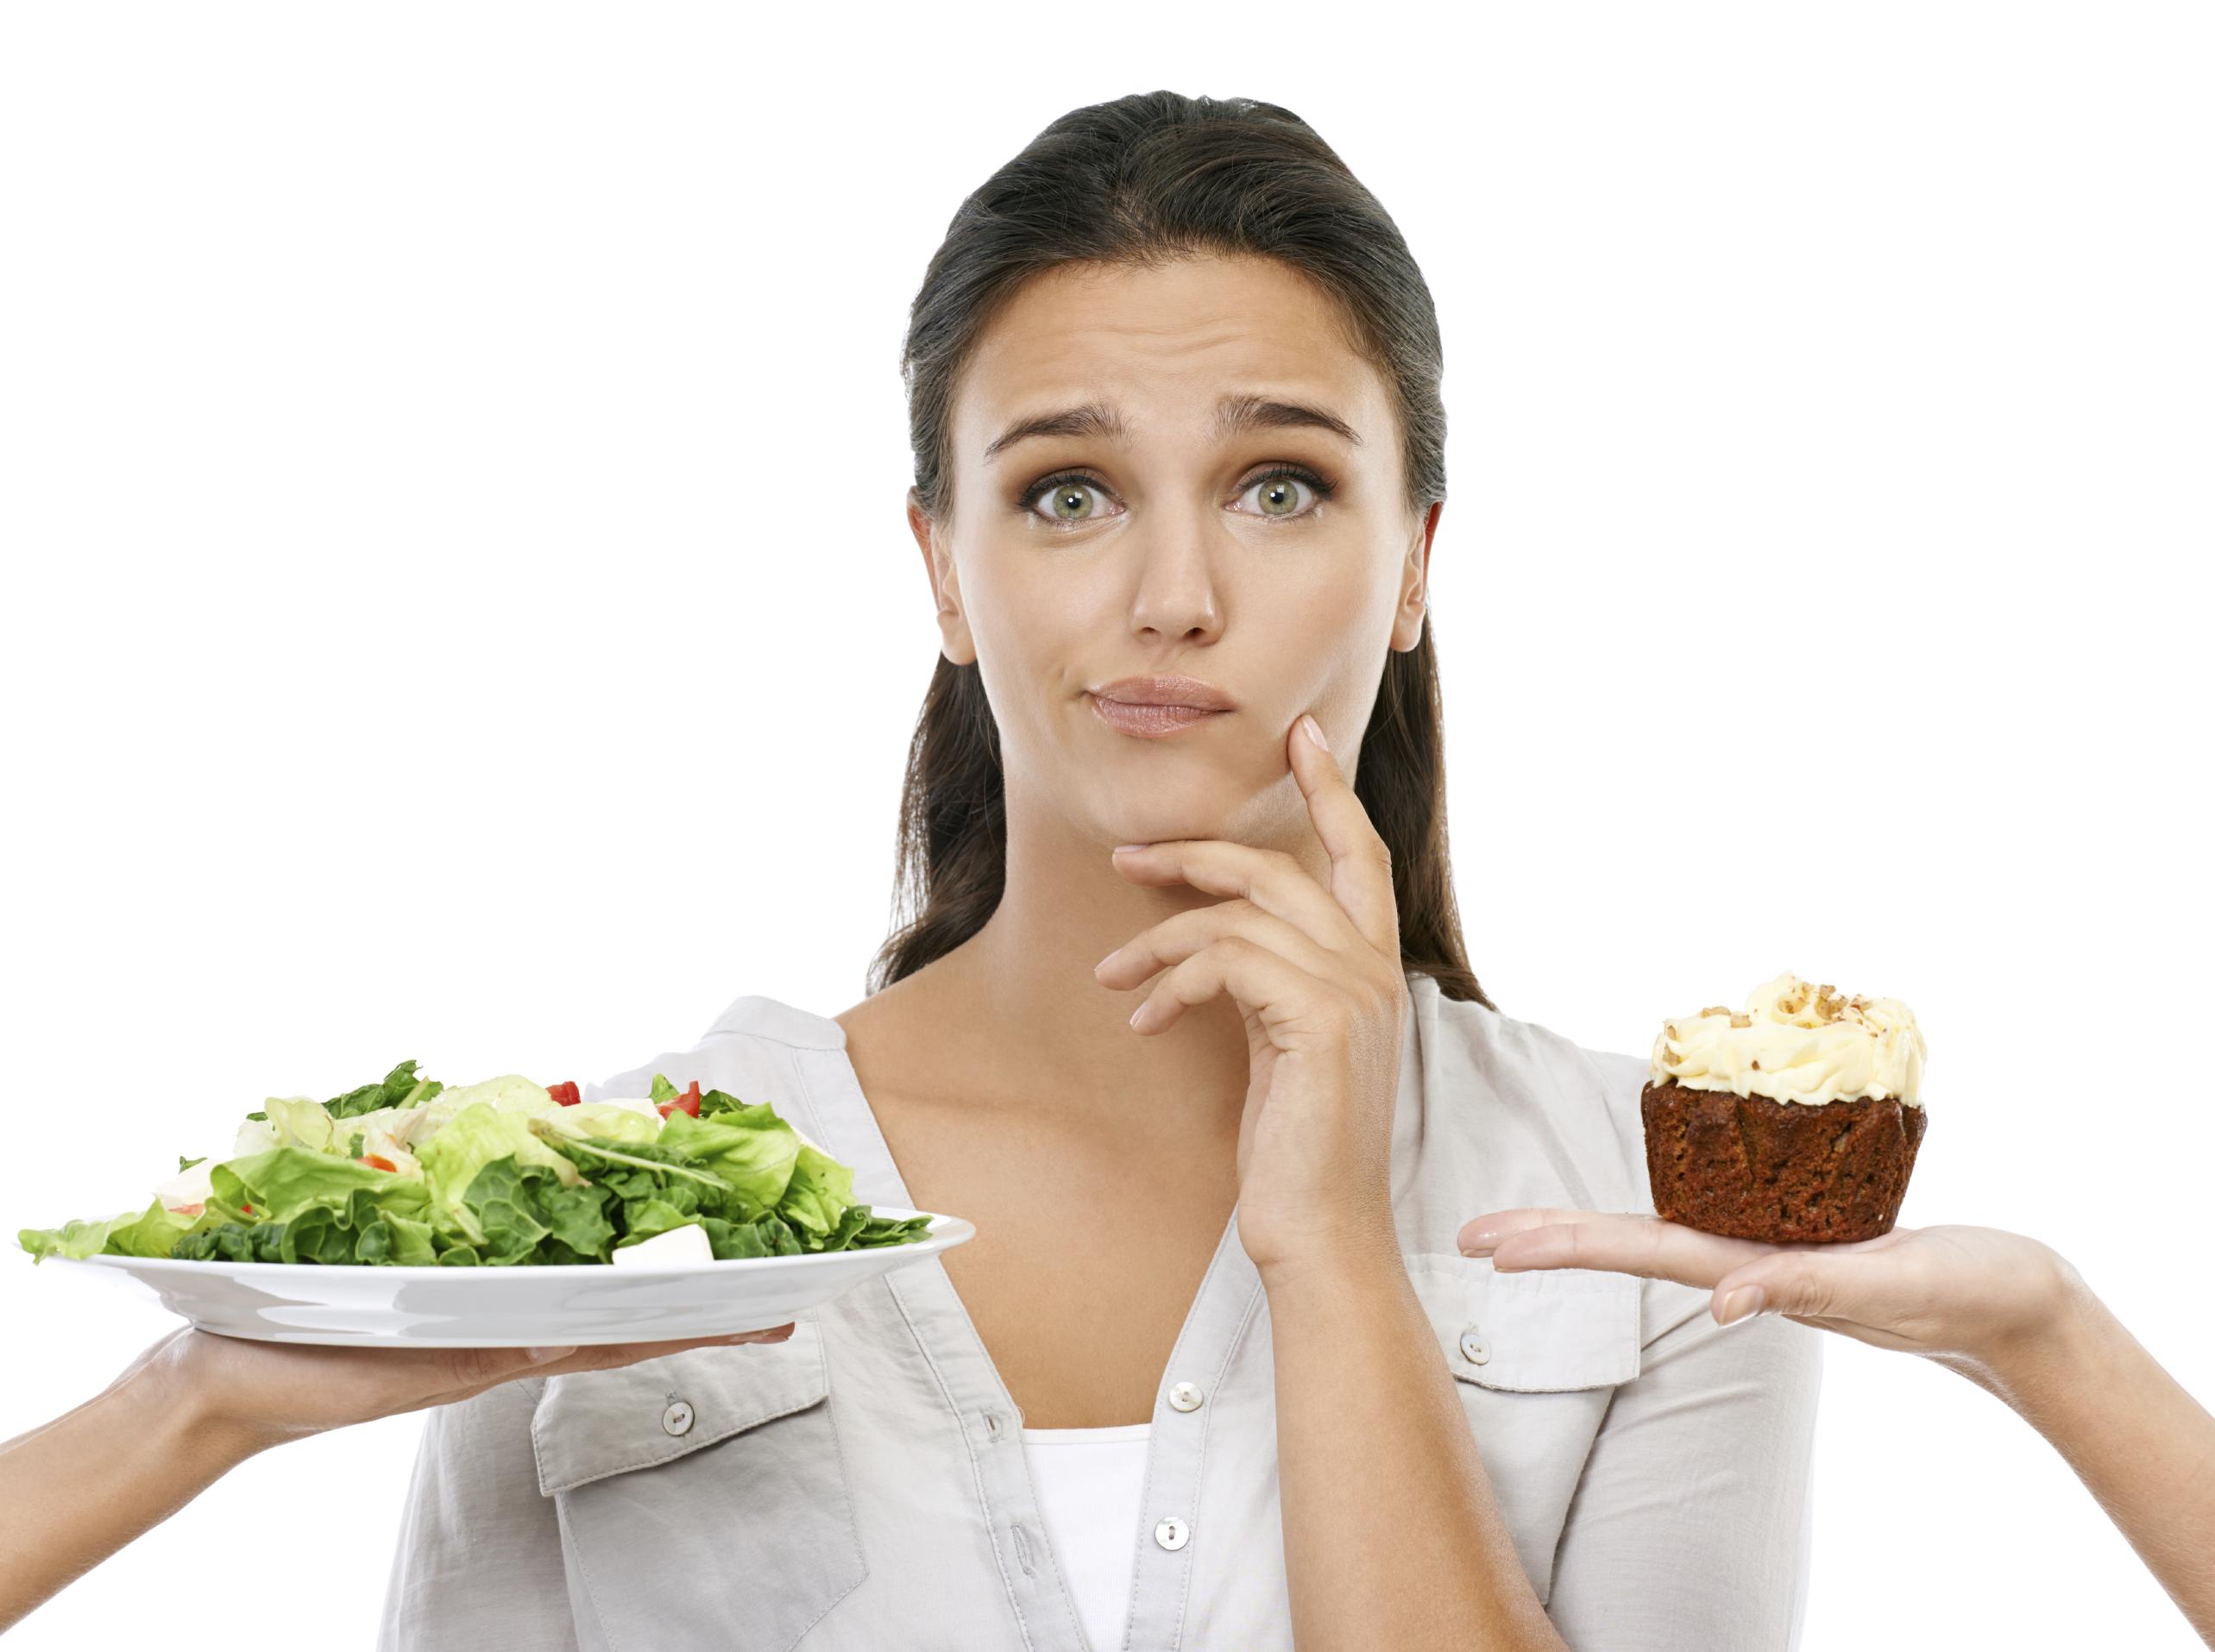 ételek, amelyeket nem szabad magas vérnyomásban fogyasztani